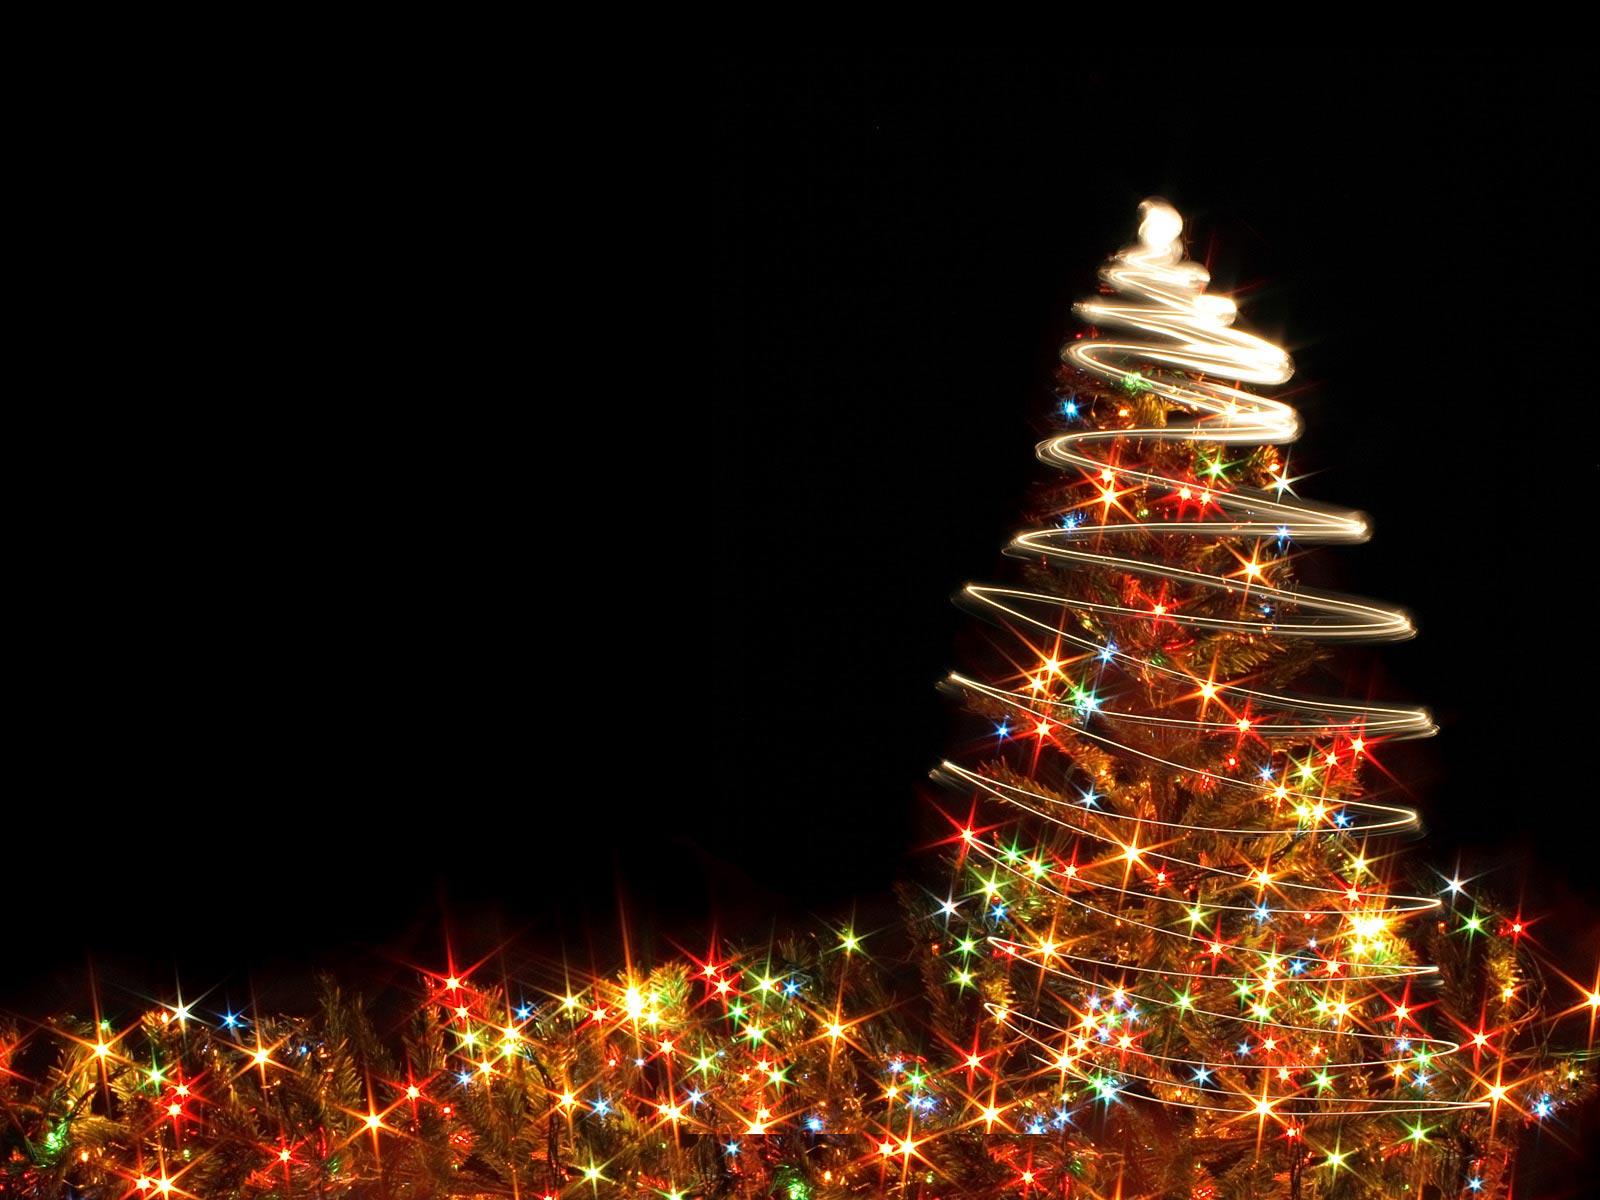 Sfondo Natalizio - Albero di Natale